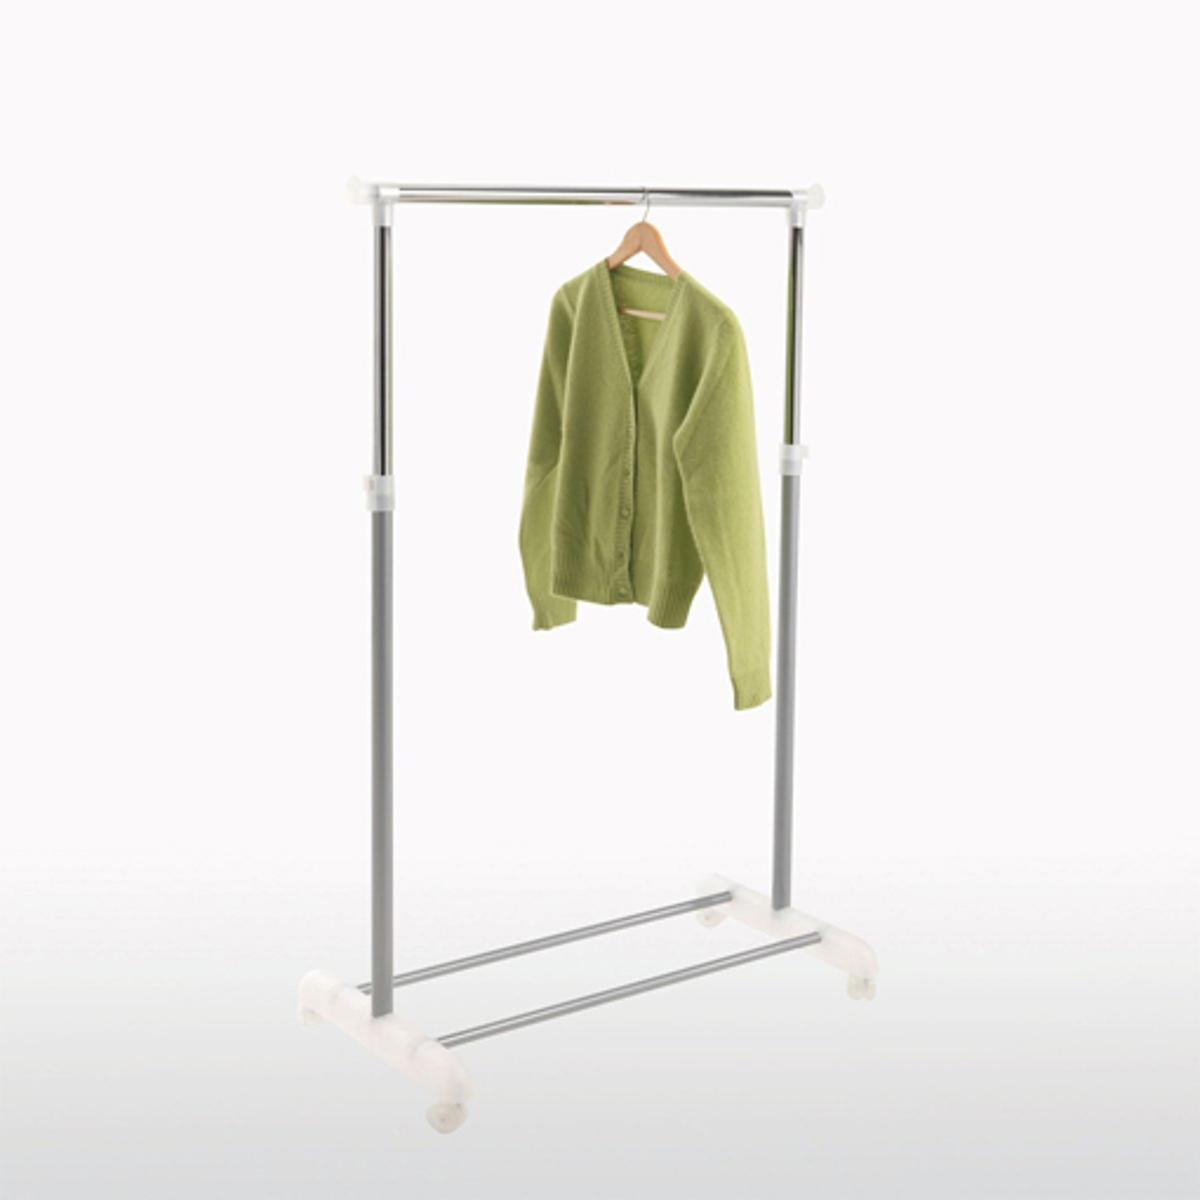 Вешалка-стойка раздвижная на колесах вешалка для одежды на колесах купить